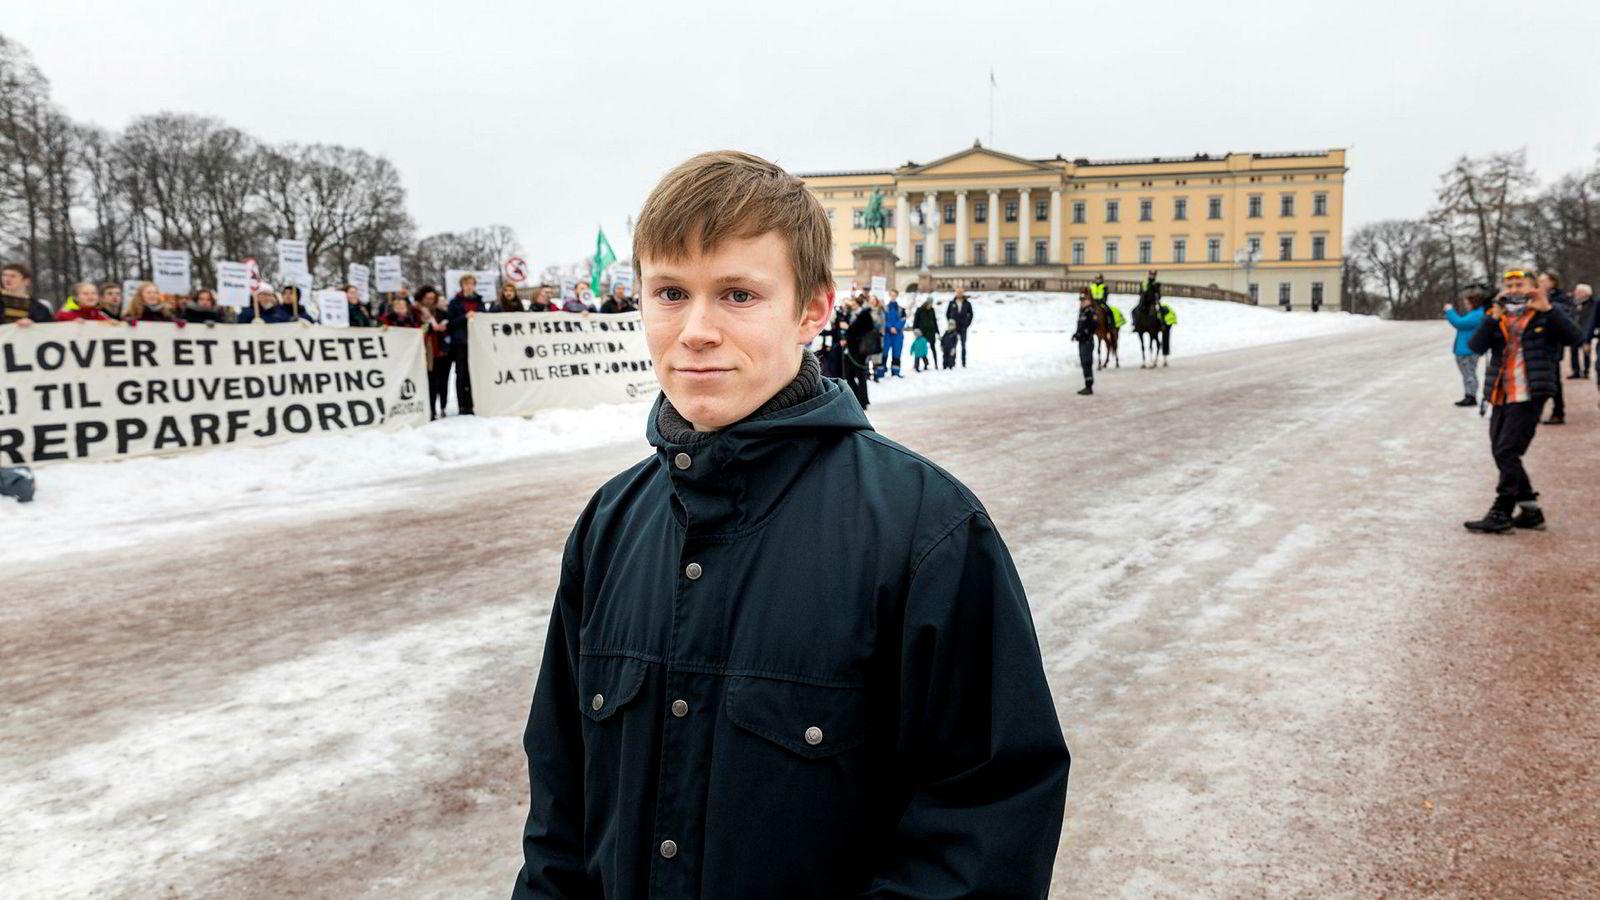 Leder Gaute Eiterjord i Natur og Ungdom sabler ned regjeringens ønske om «toppmøte» med klimastreikende ungdom. Bildet er fra aksjonen Nei til gruvedumping i Repparfjord foran slottet i Oslo i februar.